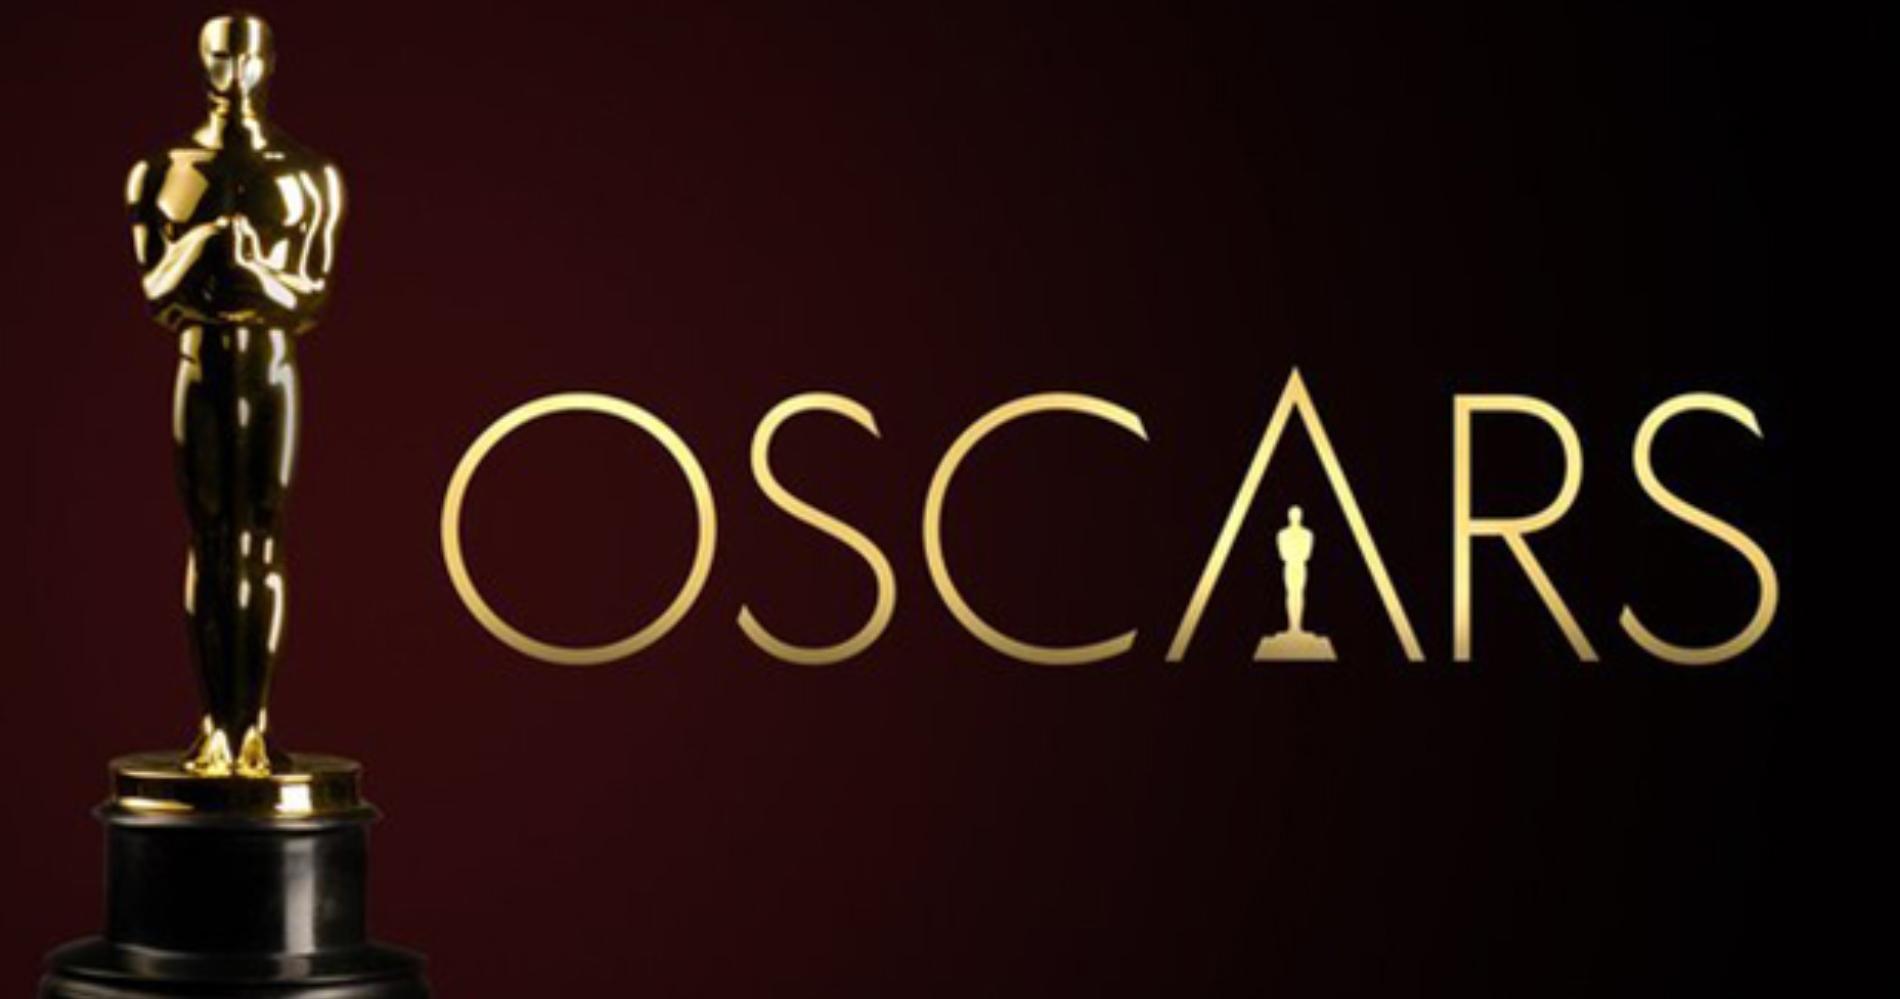 """<span class=""""entry-title-primary"""">Oscar 2020: Ecco la lista completa delle nomination</span> <span class=""""entry-subtitle"""">Annunciate le candidature alle ambitissime statuette che verranno assegnate il 9 febbraio.</span>"""